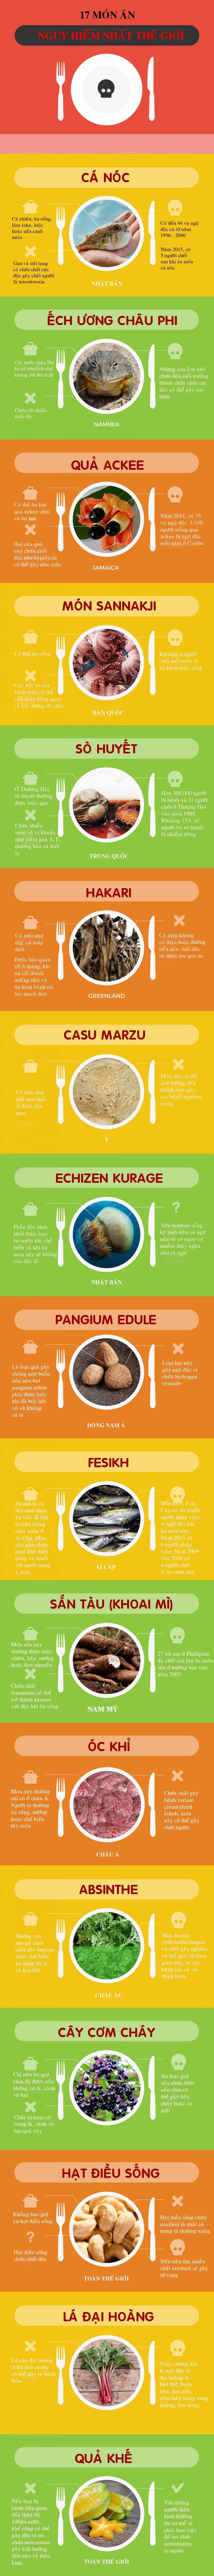 17 món ăn nguy hiểm nhất thế giới, Việt Nam góp mặt với 3 món - 1